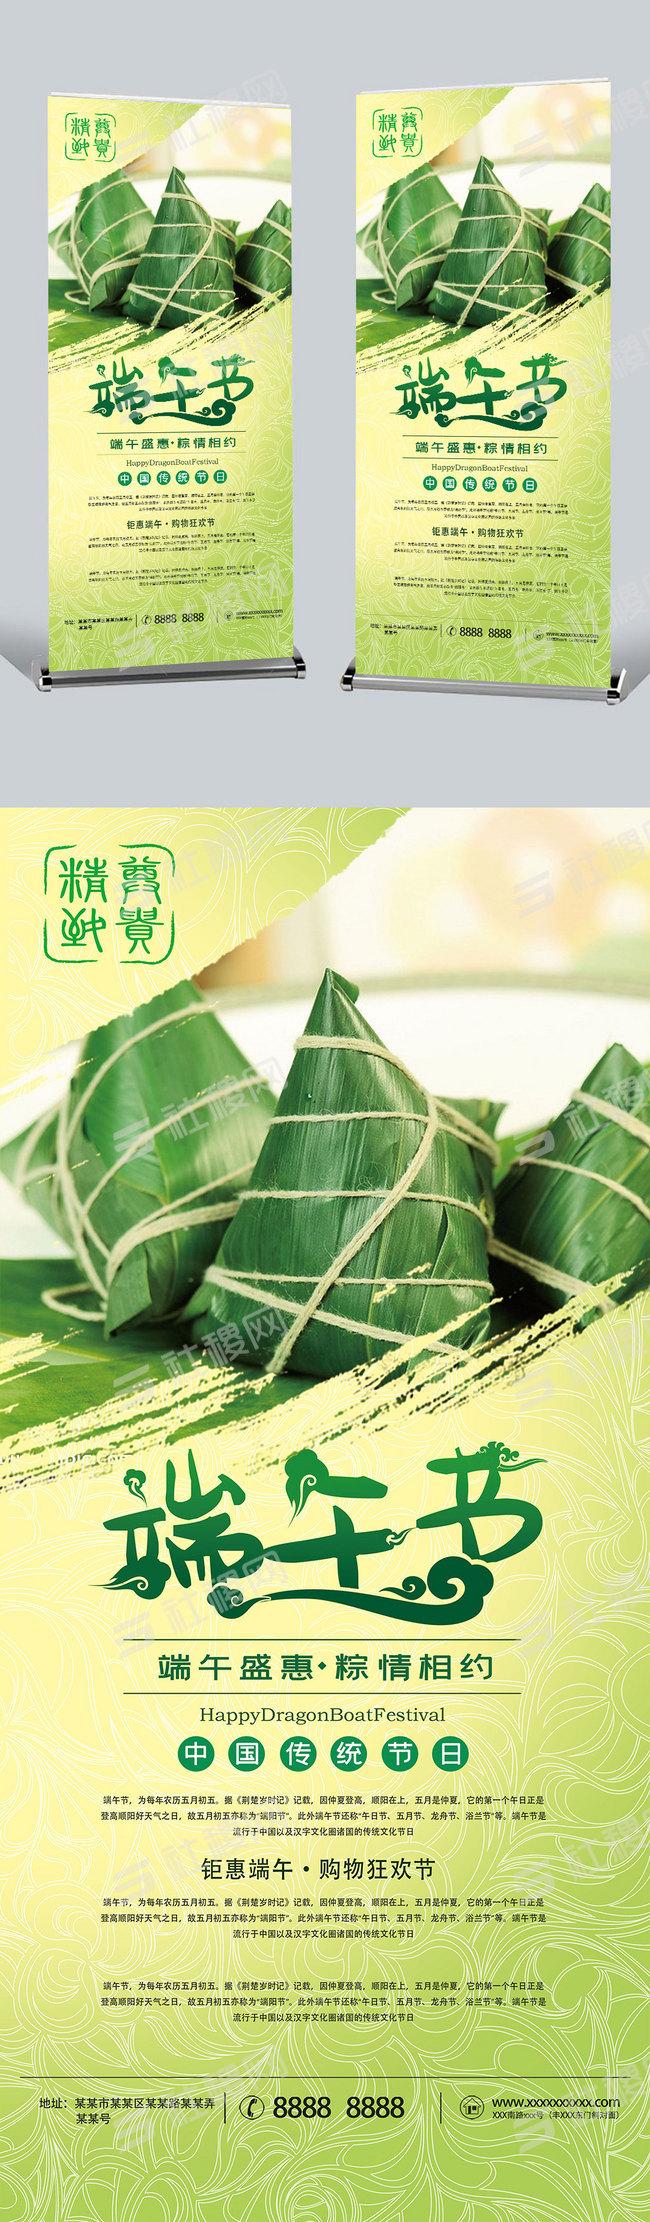 中国风端午节展架